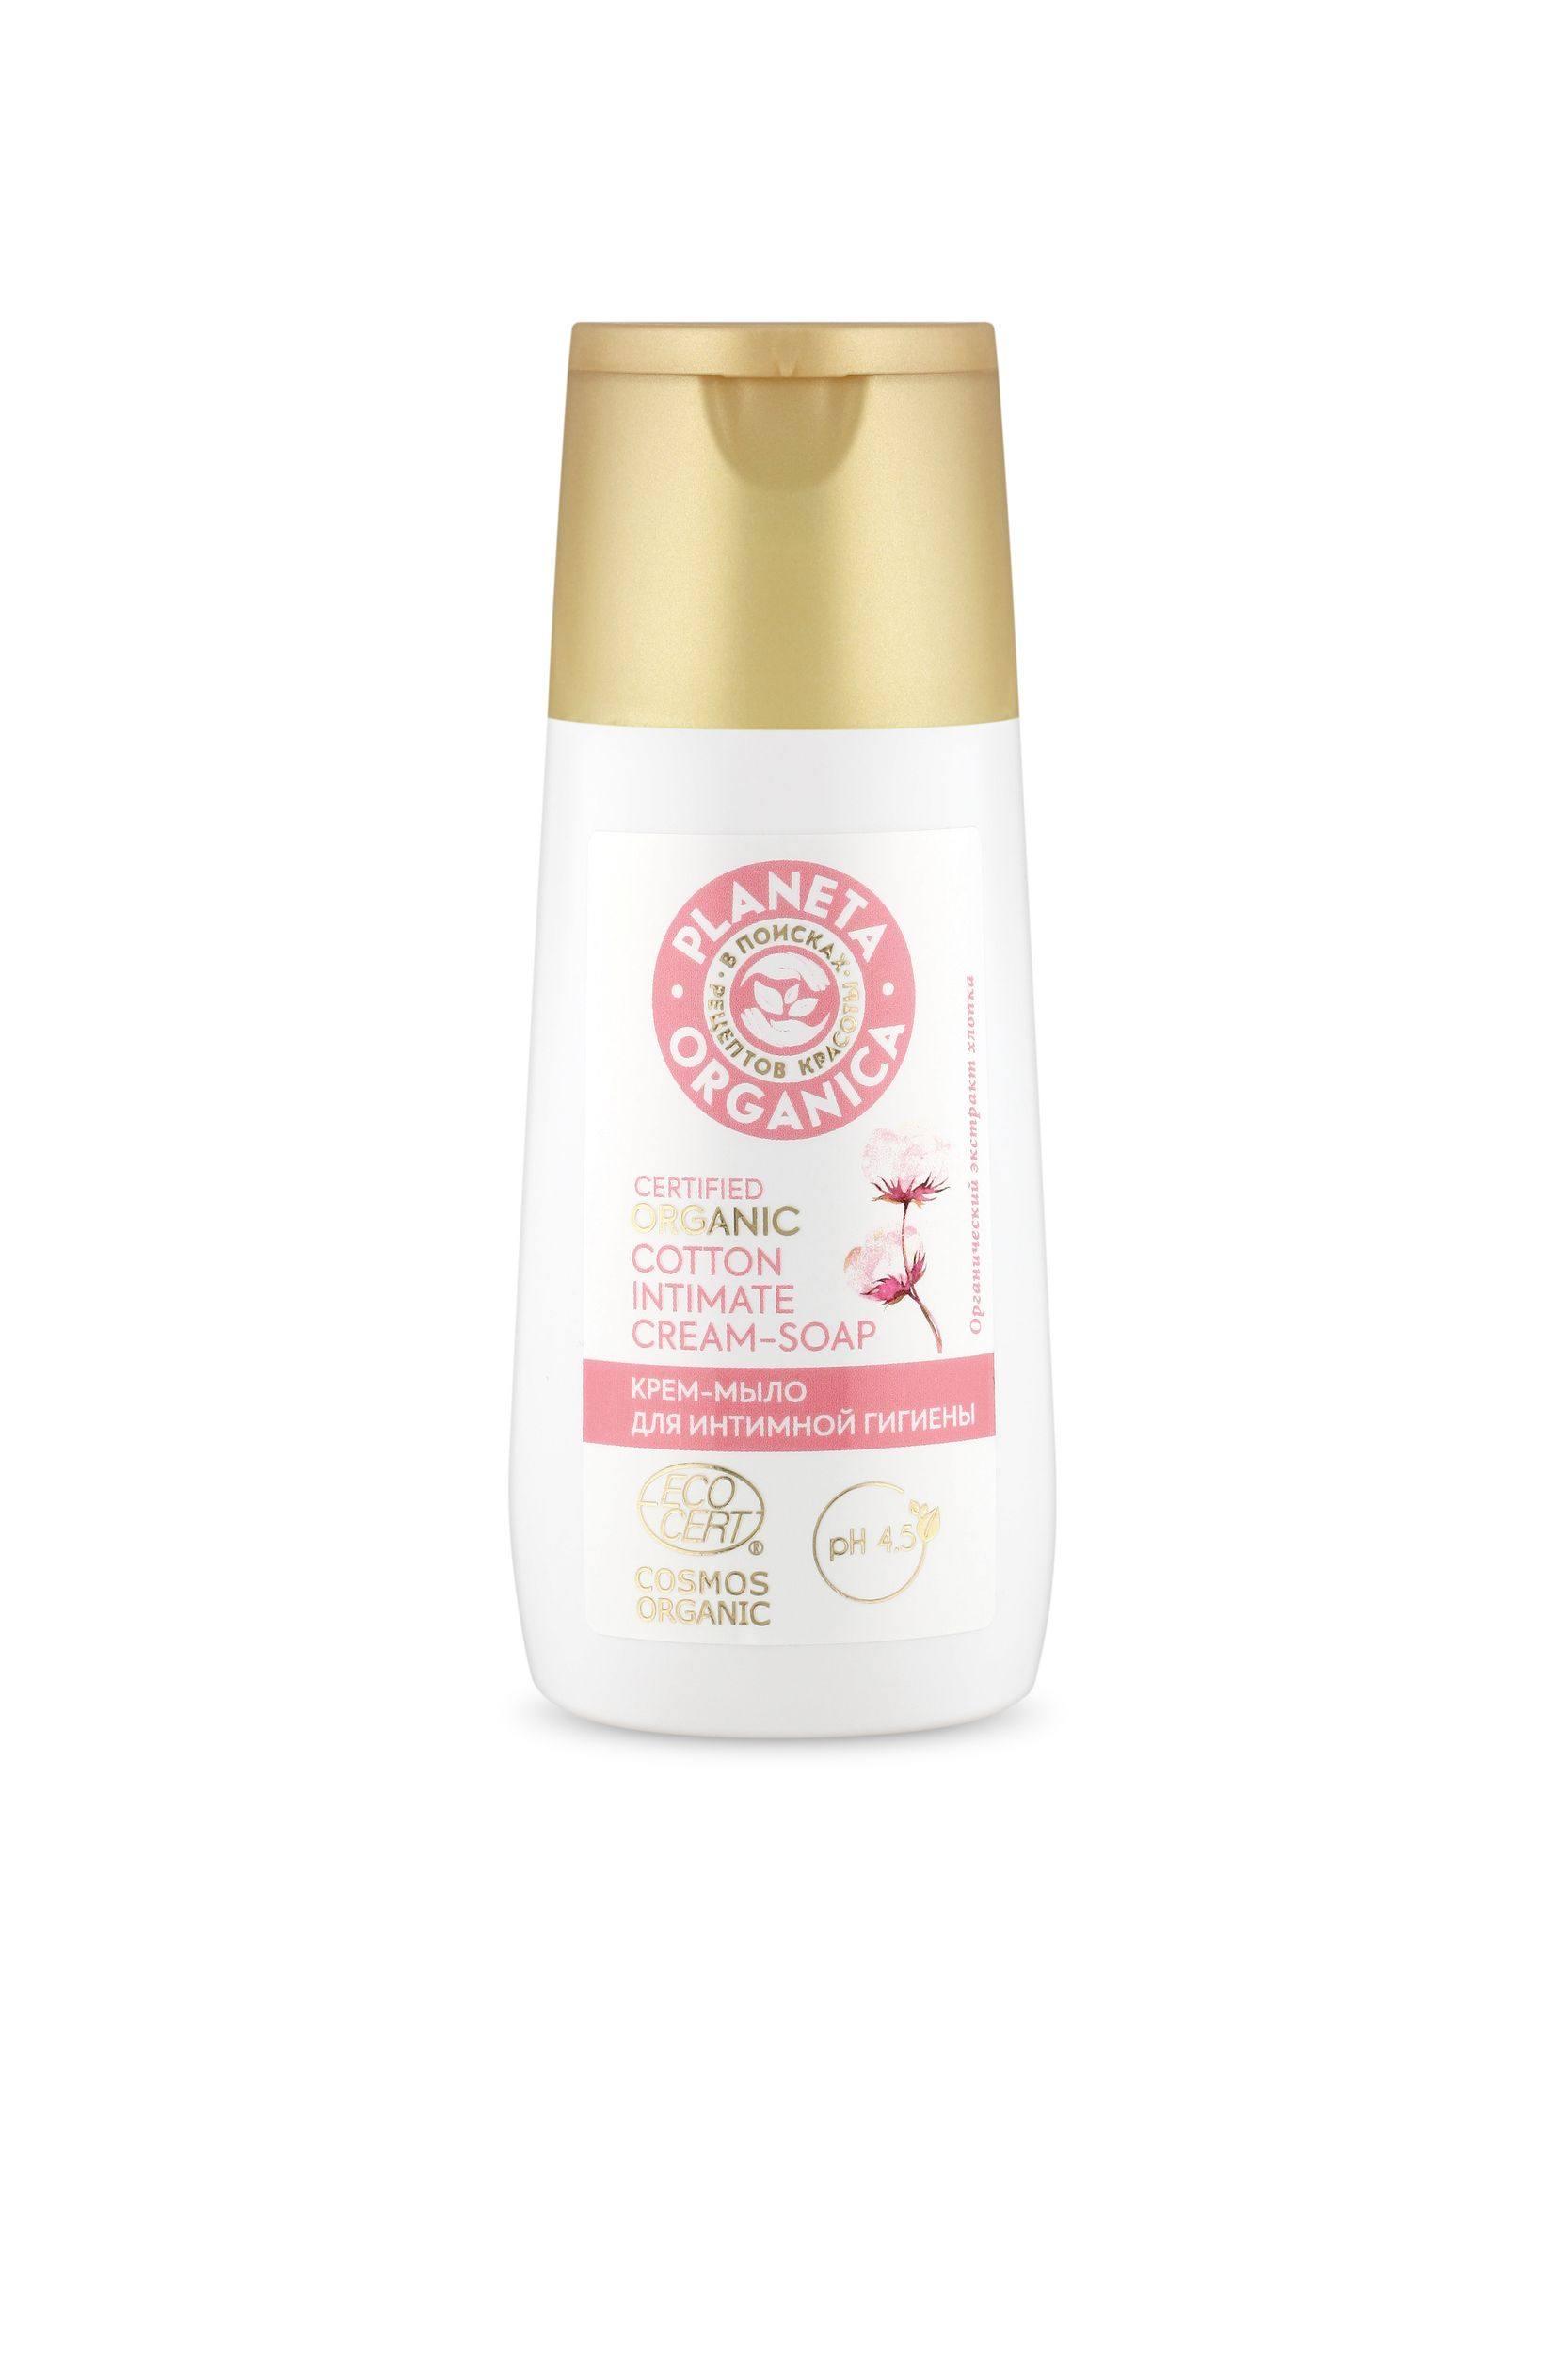 Купить Planeta Organica INTIMATE CARE Сертифицированное крем-мыло для интимной гигиены., 150 мл (shop: Organic-shops Organic shops)